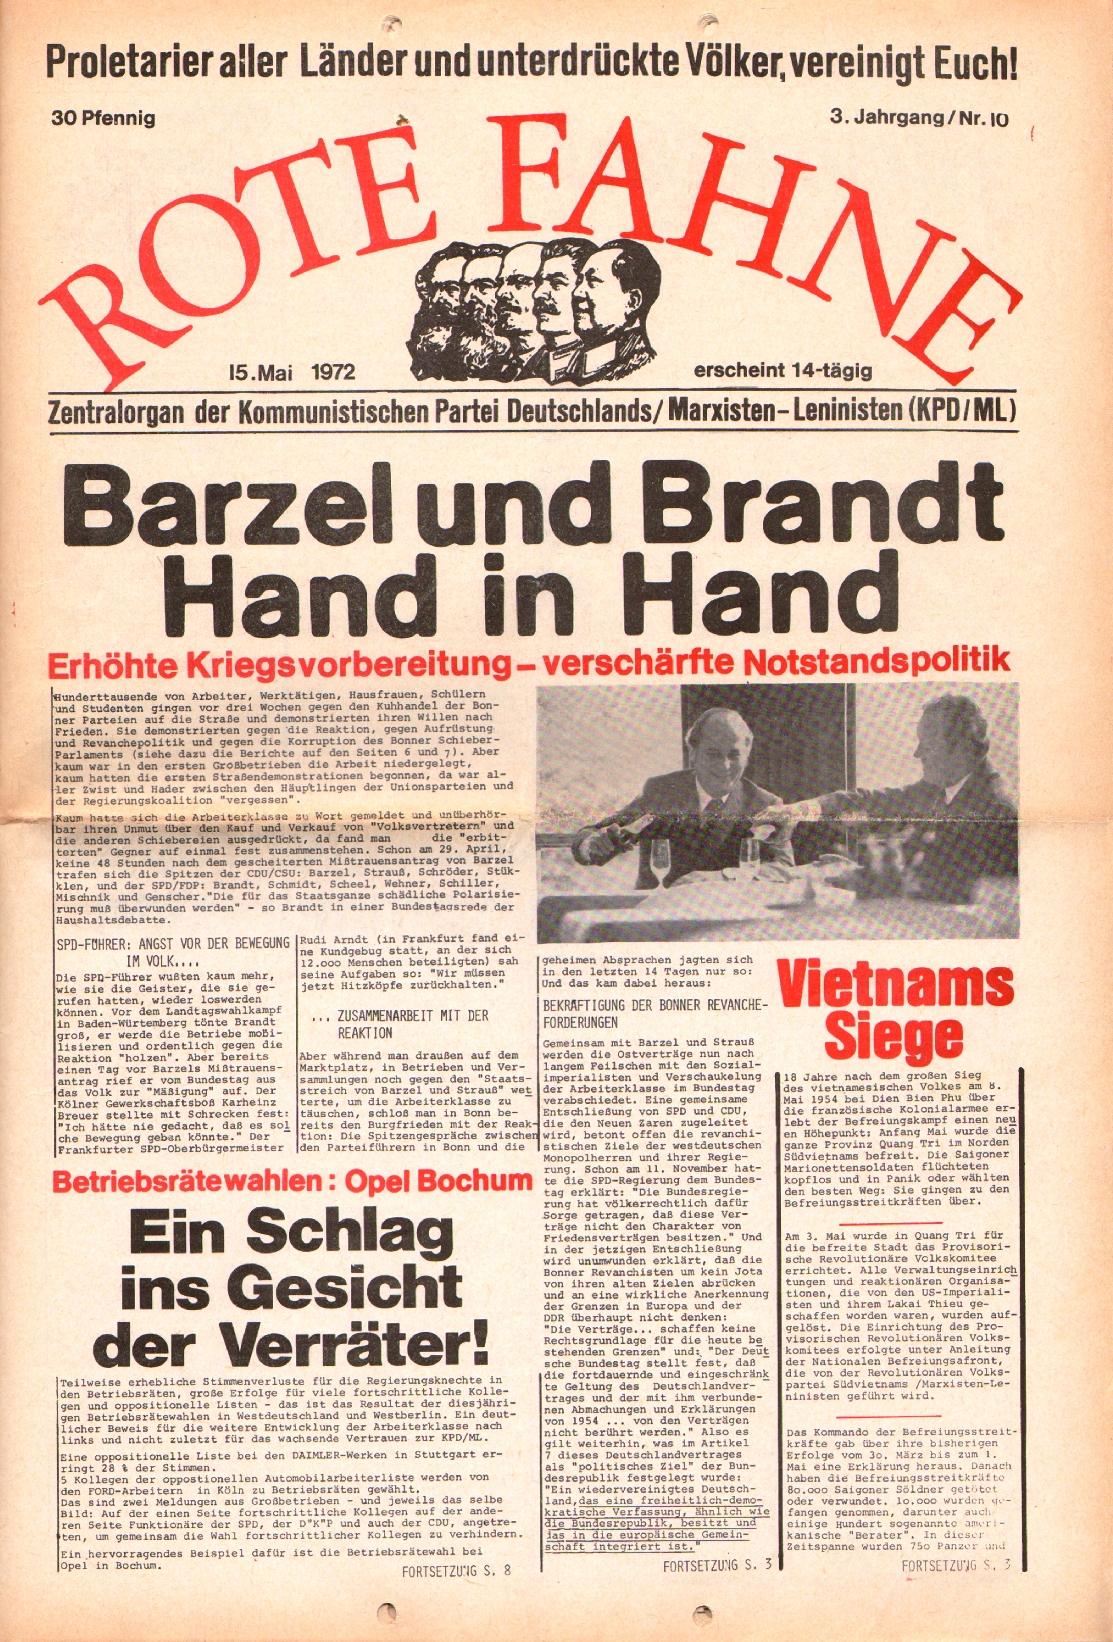 Rote Fahne, 3. Jg., 15.5.1972, Nr. 10, Seite 1